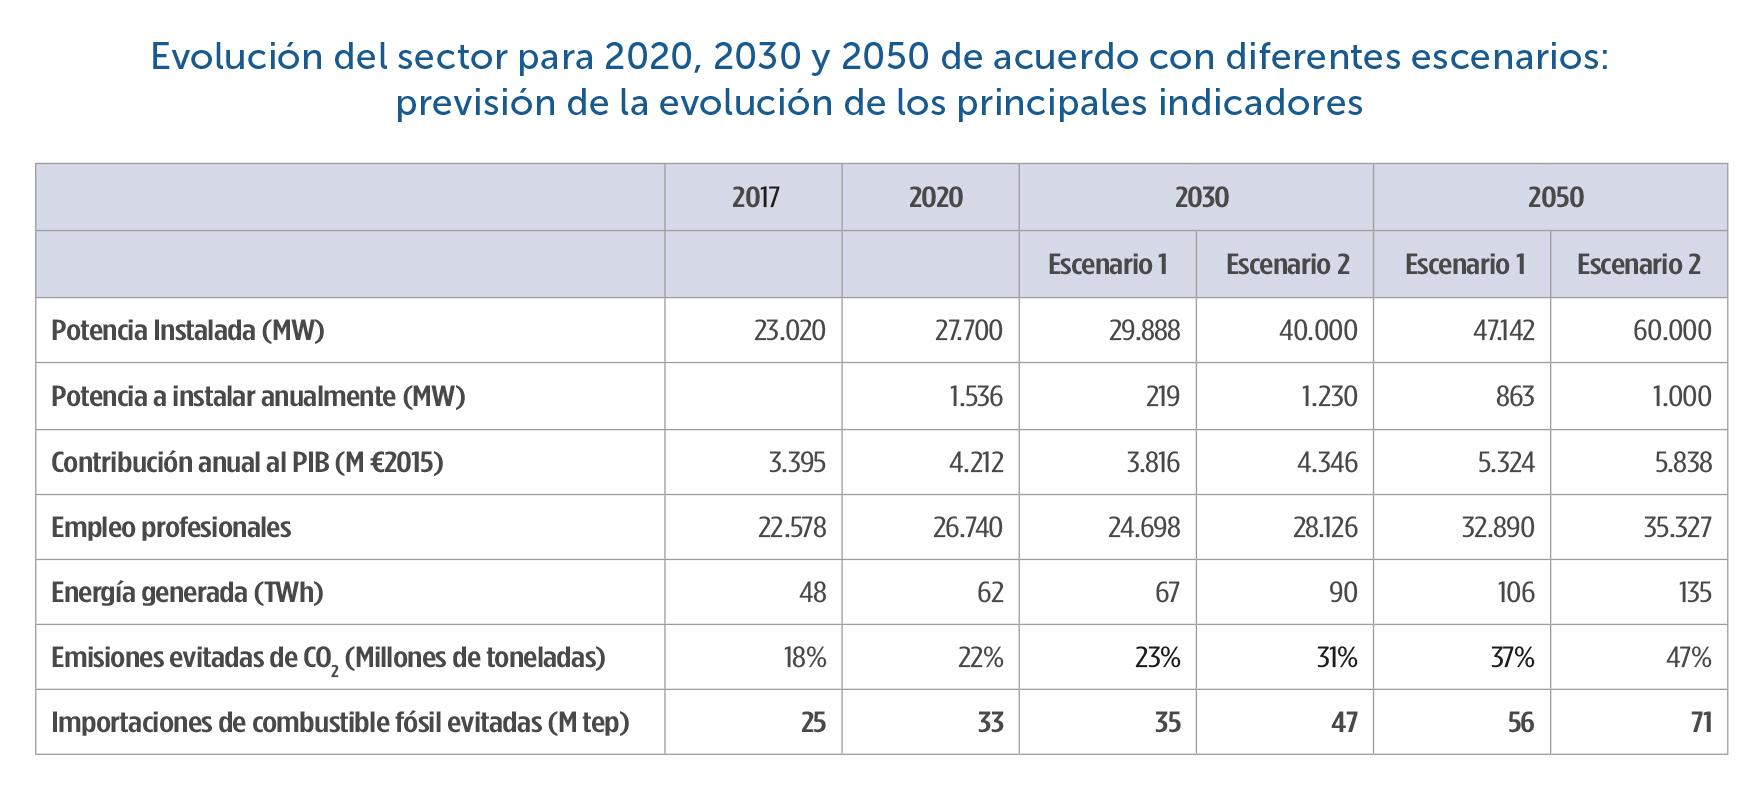 23-Evolucion-sector-2020-2050-segun-escenarios